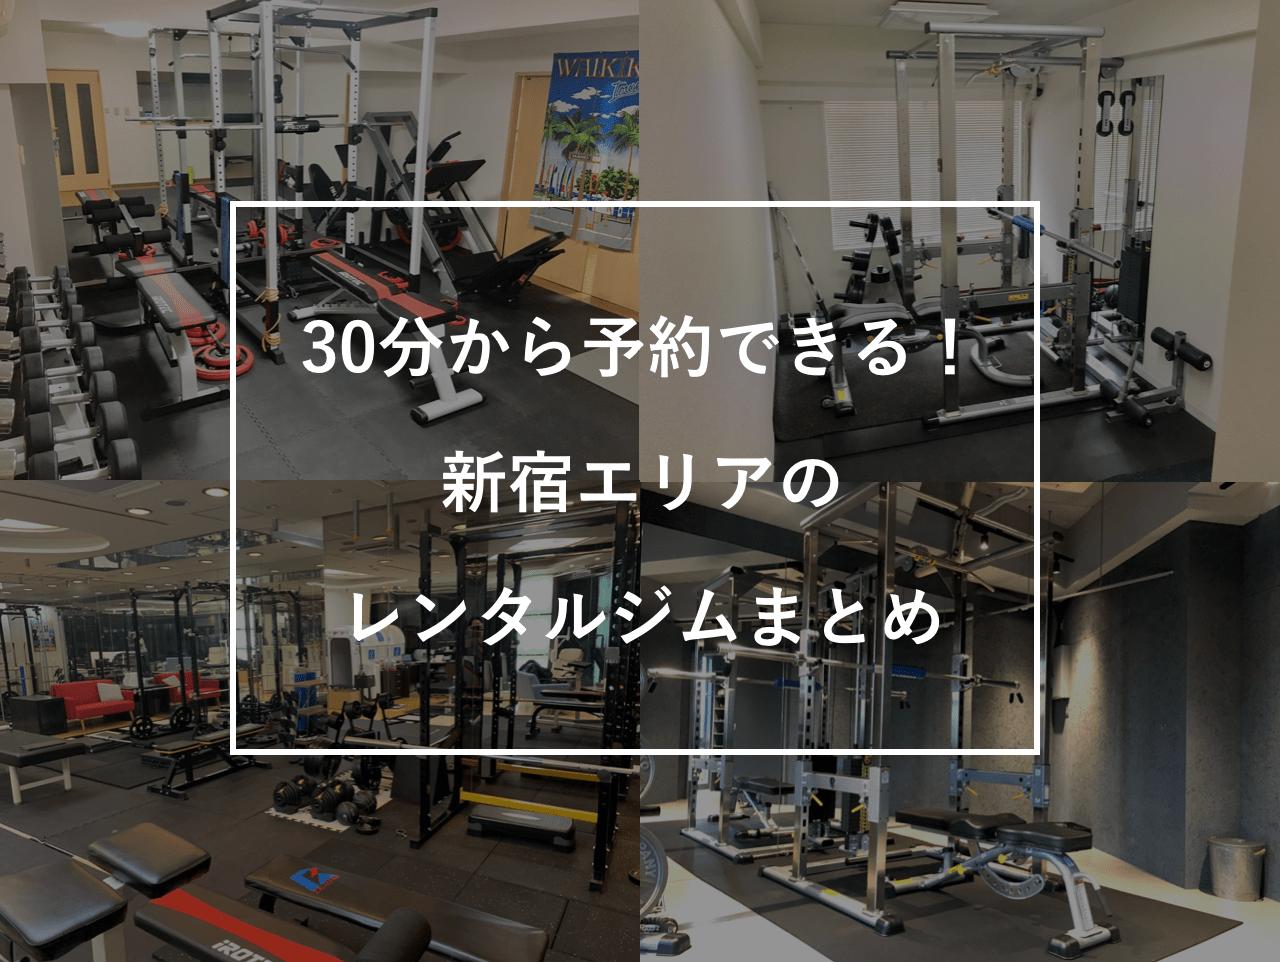 レンタルジム新宿エリアまとめ.png